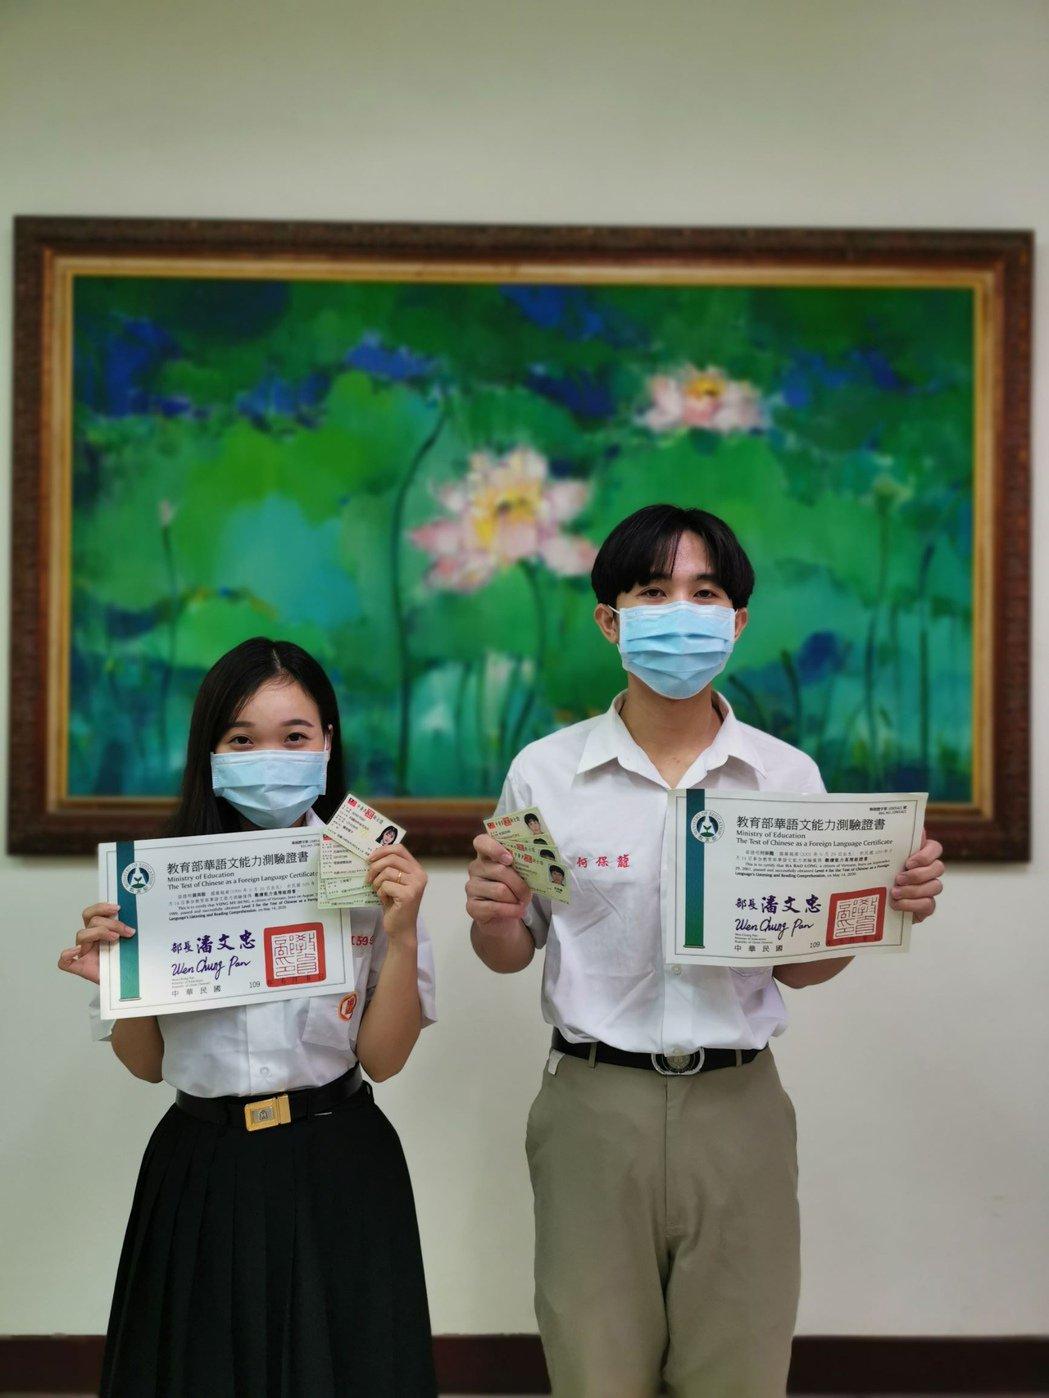 中山工商建教僑生黃美蓉(左)及何保龍(右),取得多張證照。攝影/中山工商提供。